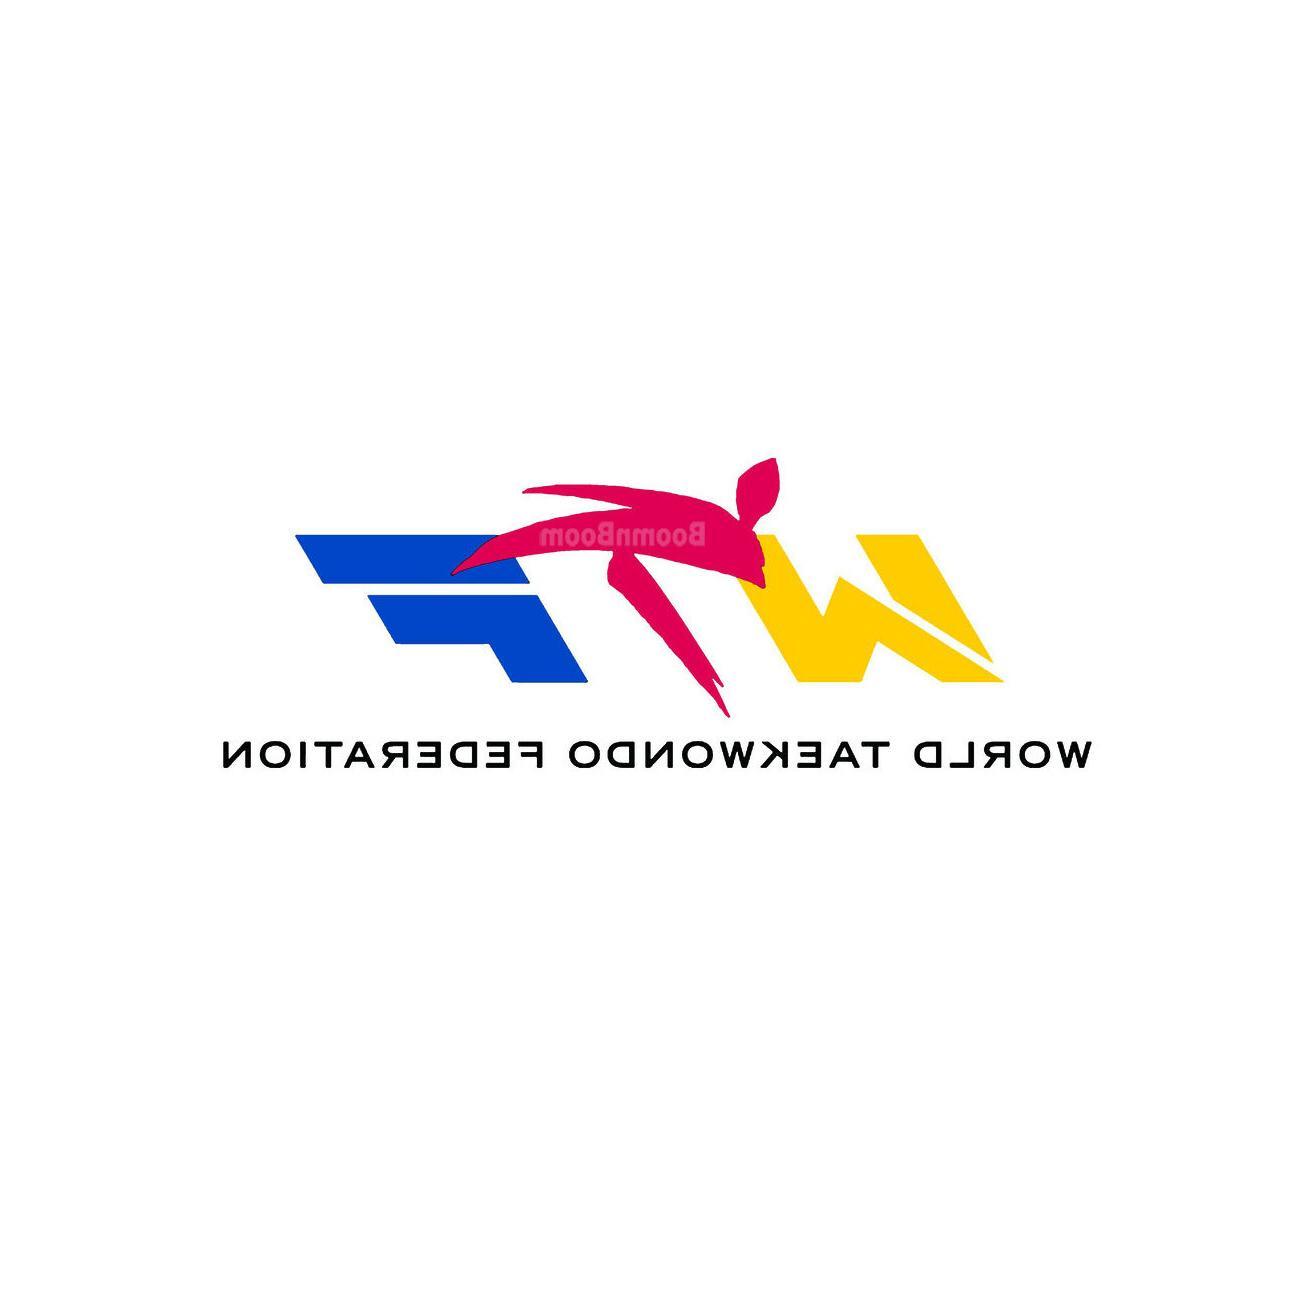 Taekwondo adidas ADI-STAR Taekwondo Set Sizes-WTF Approved